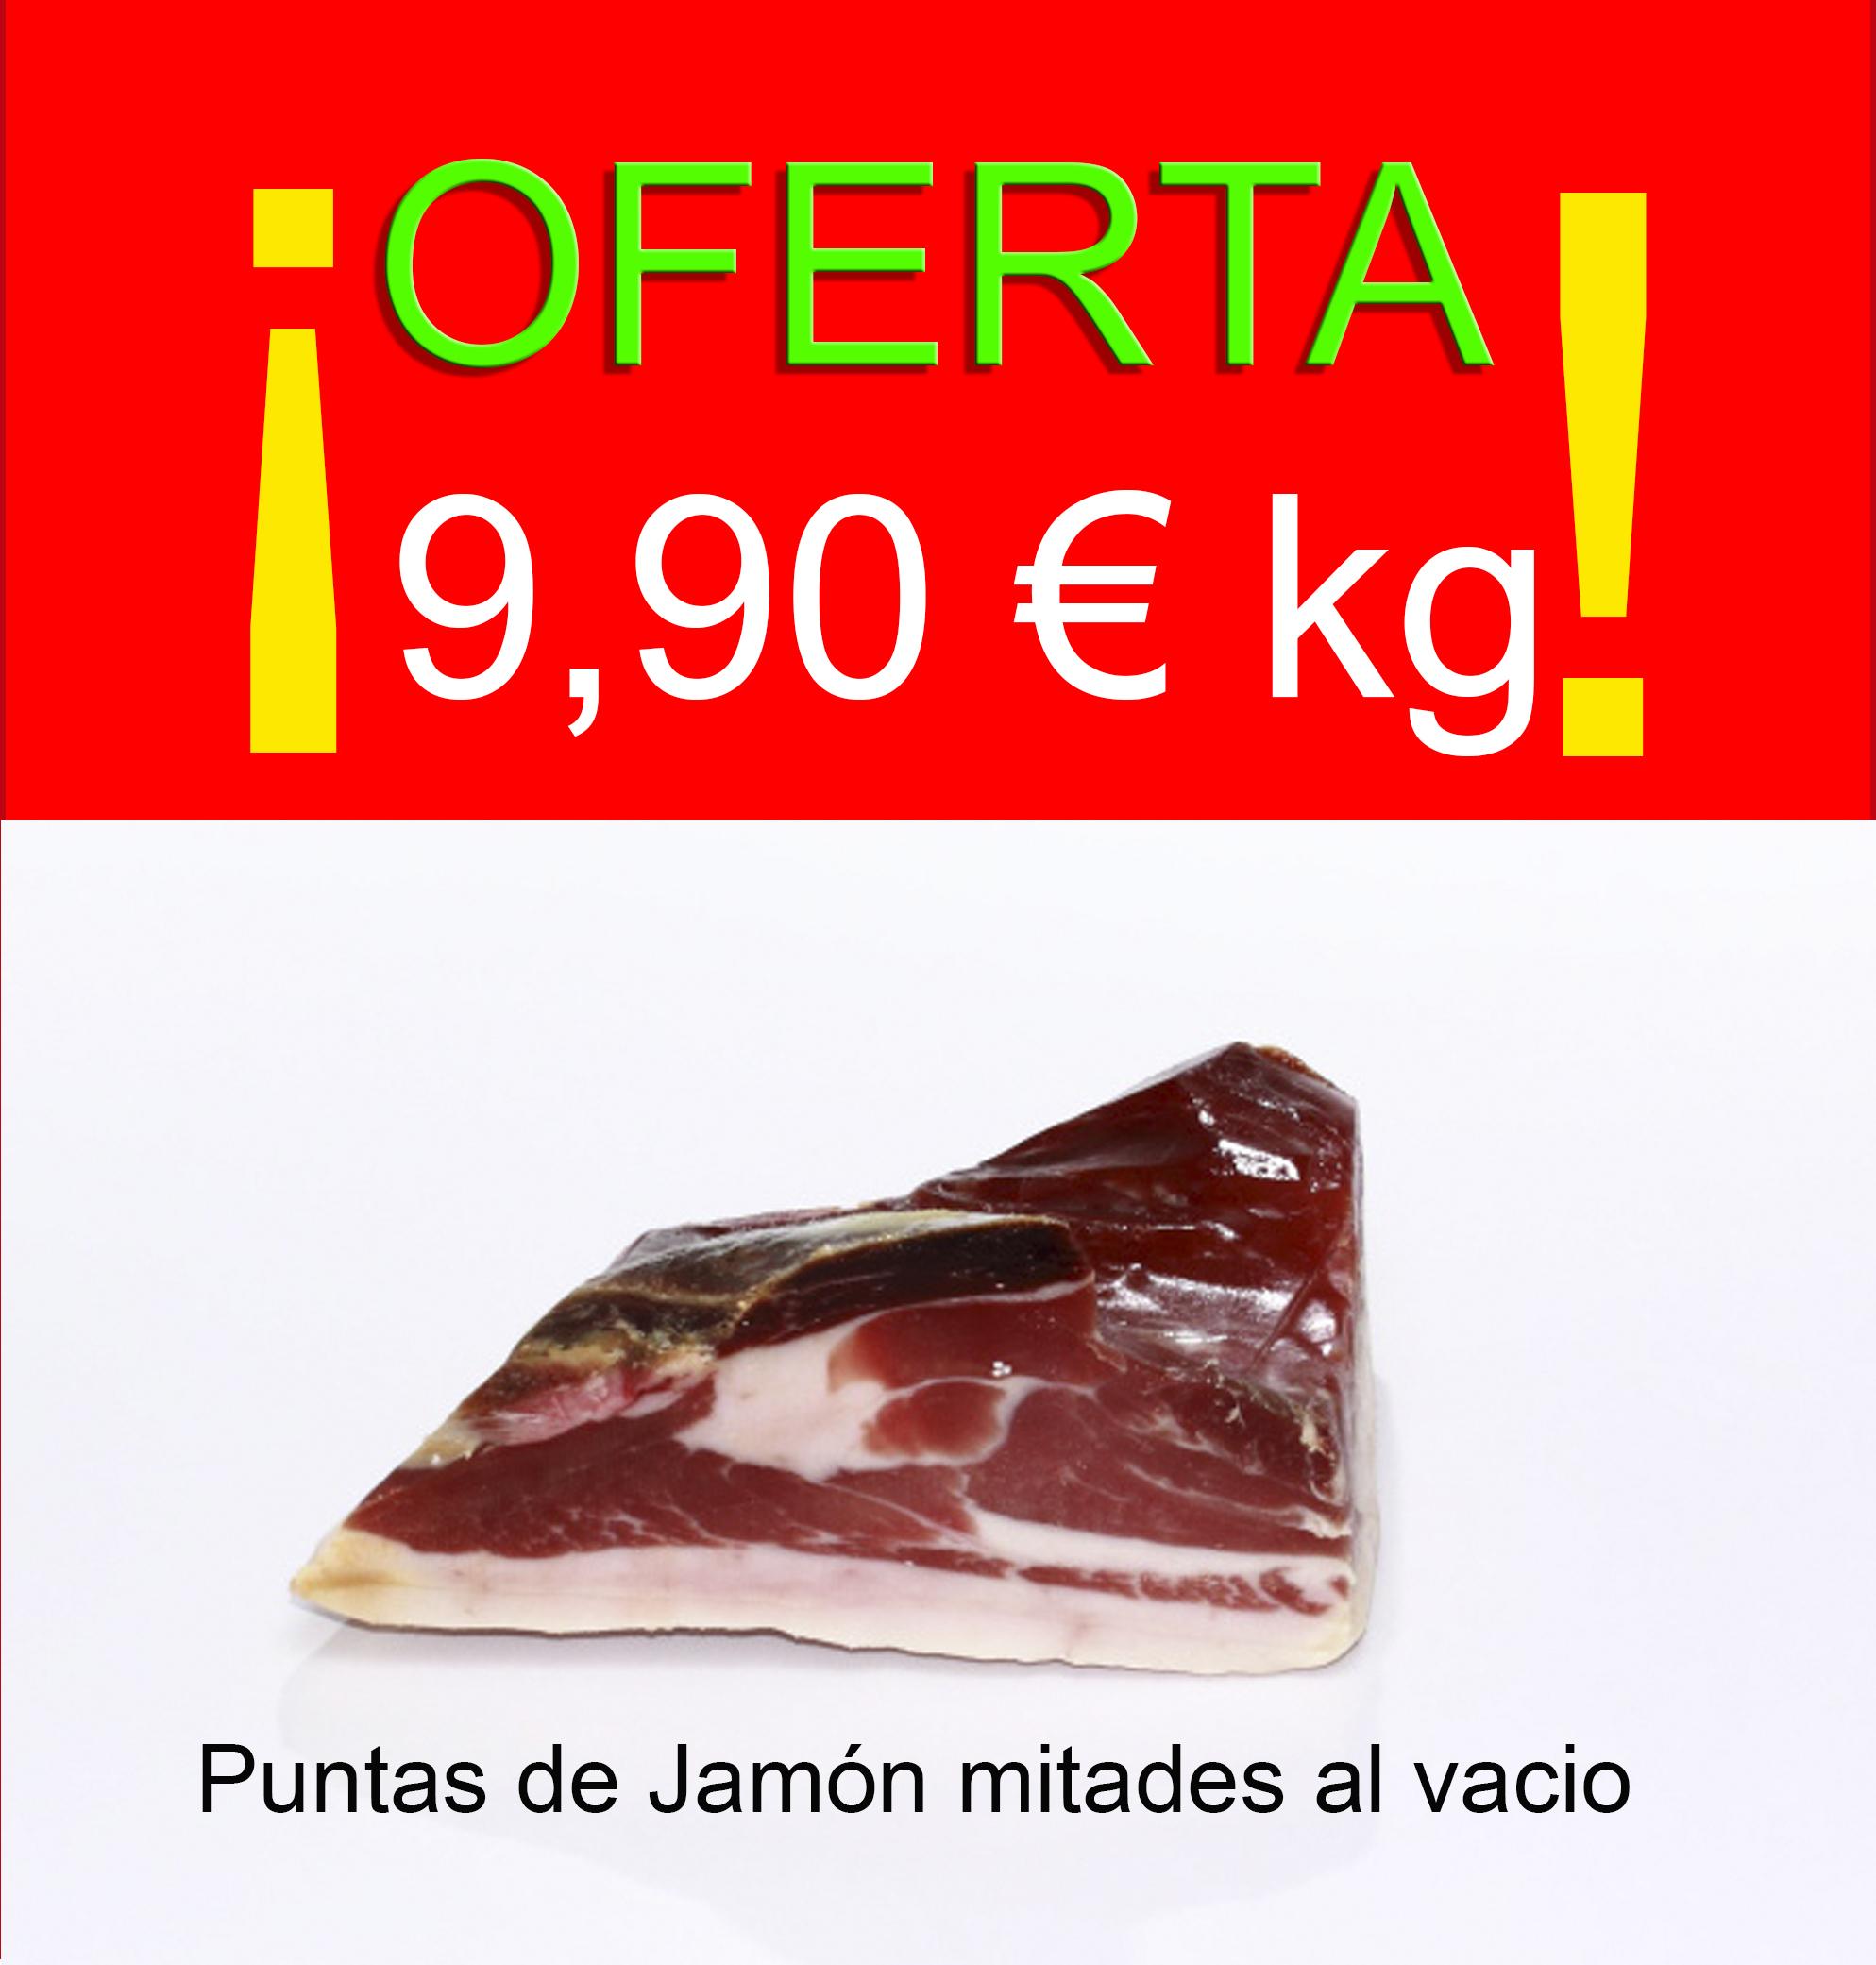 Oferta puntas de Jamon al vacio 9,90